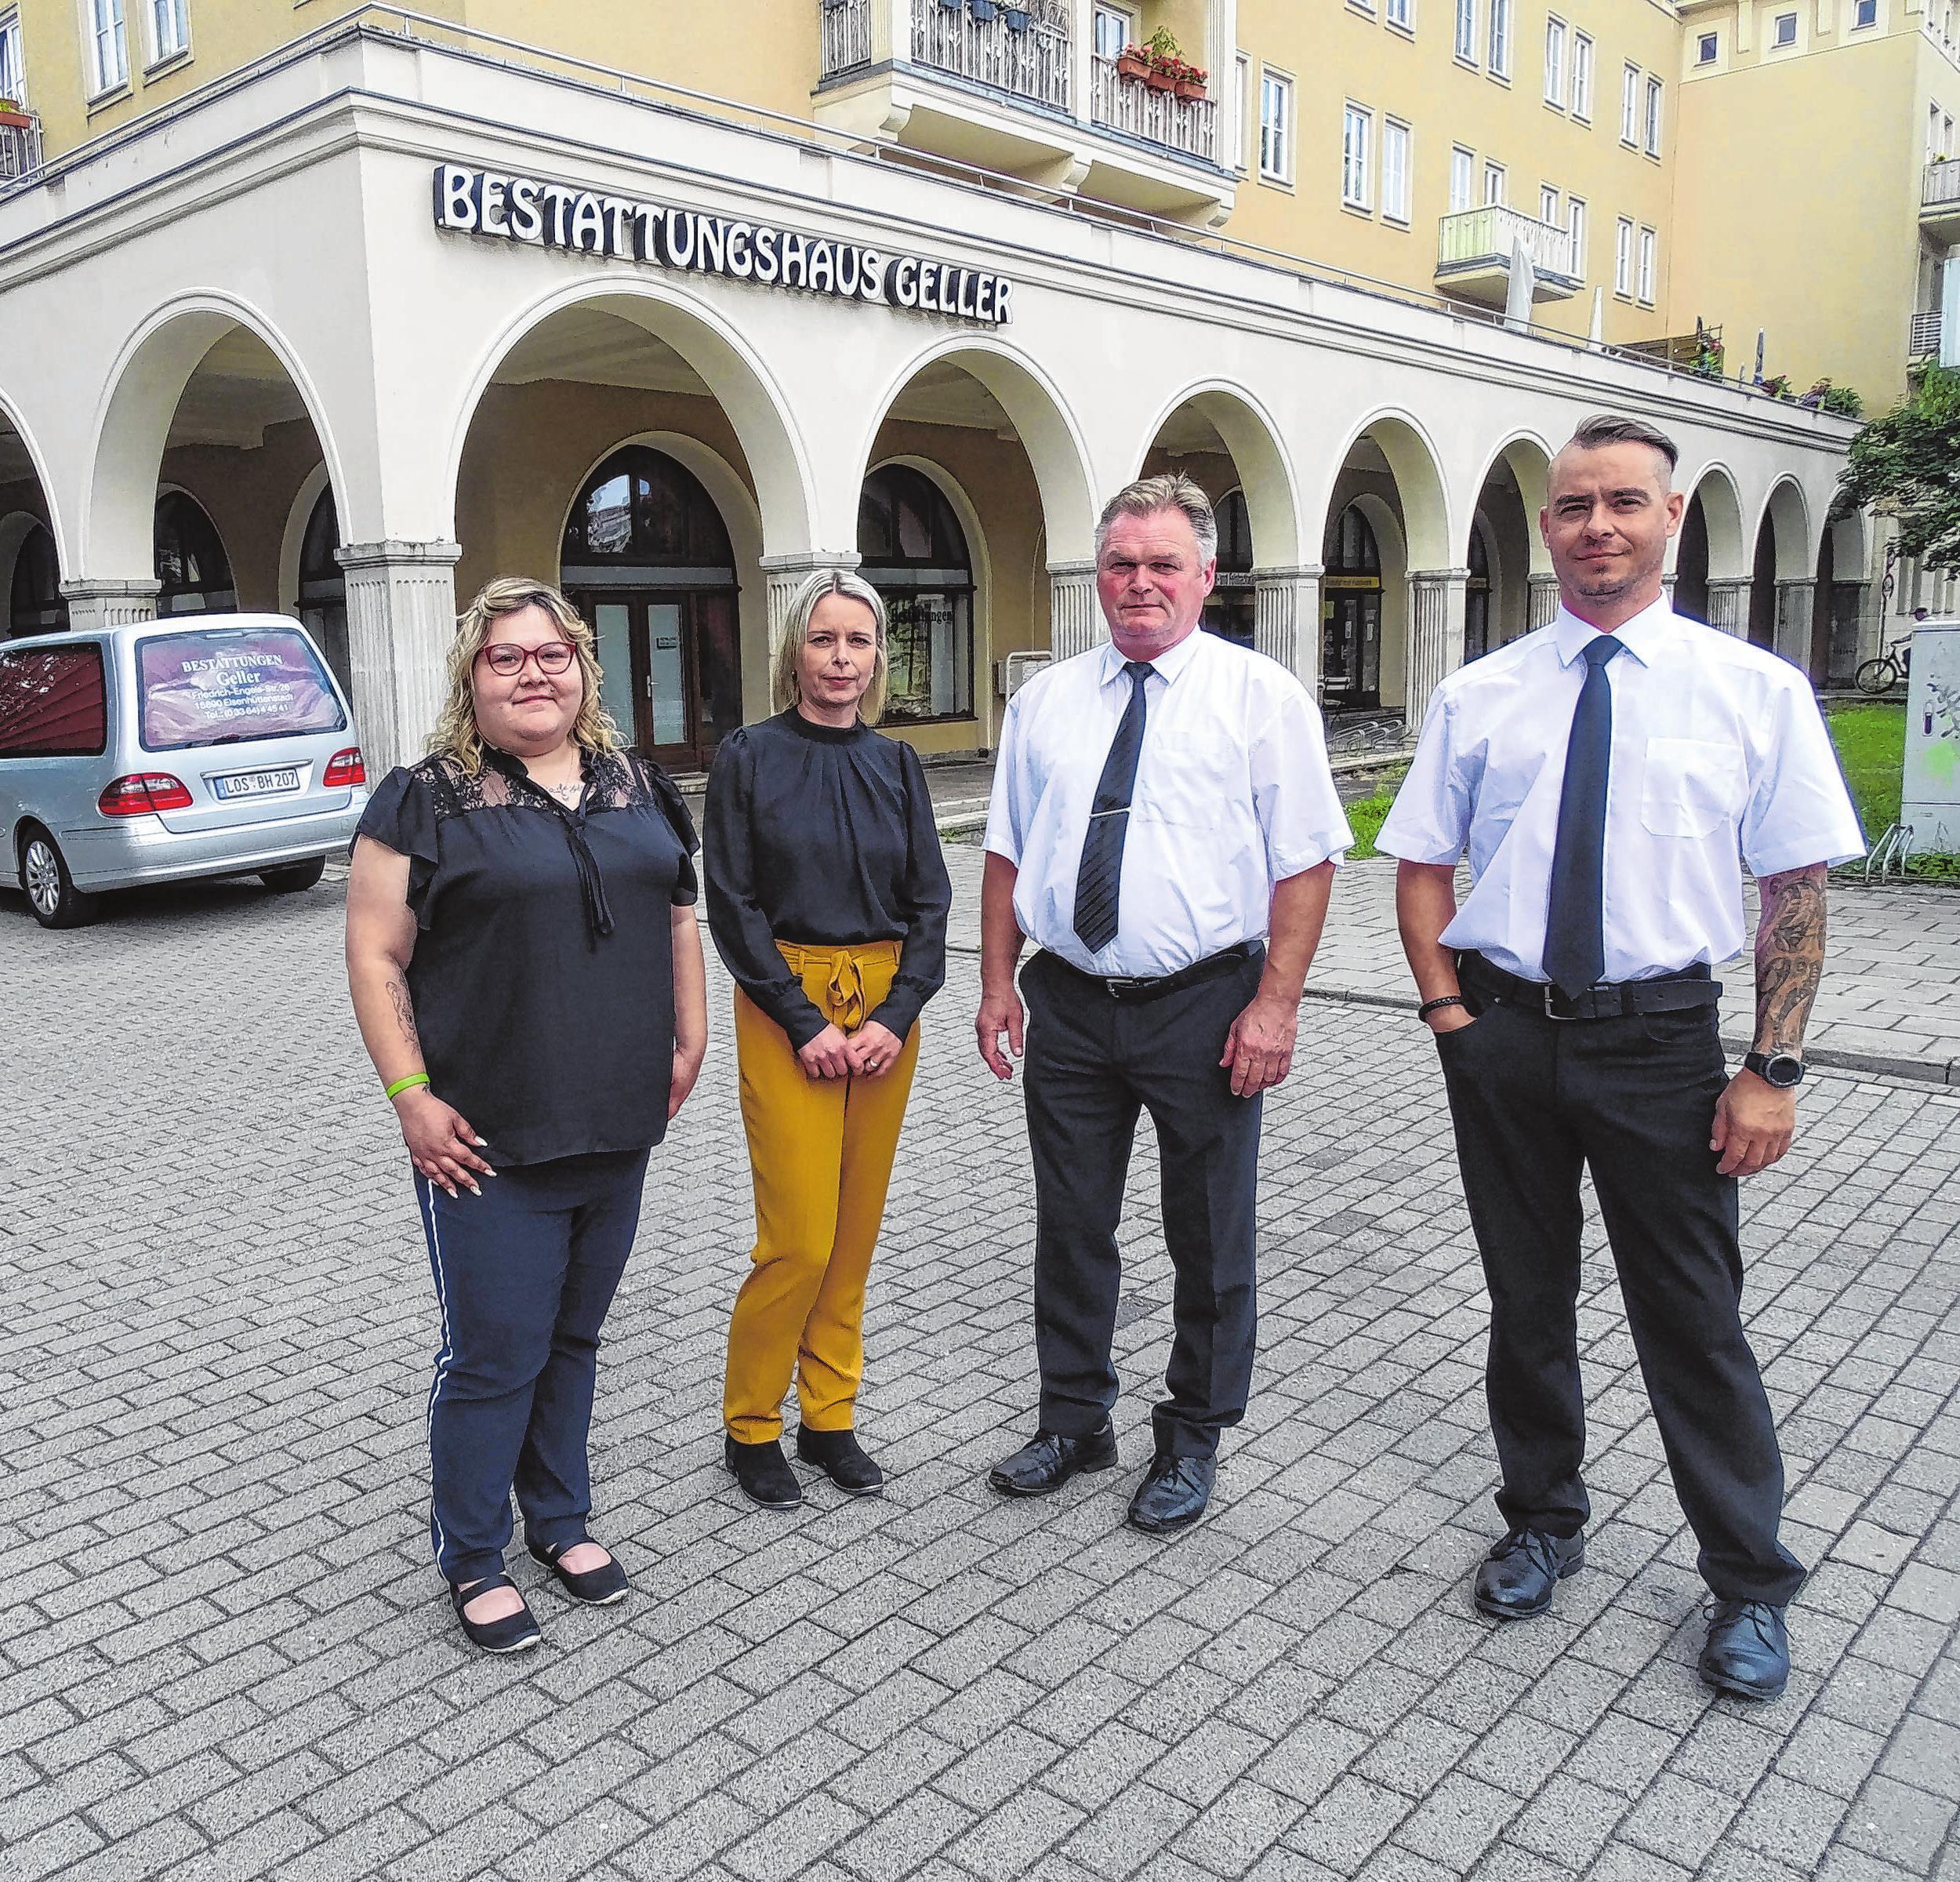 In Eisenhüttenstadt: Stacy Odoy, Mandy Geller, Veit Teichmann und Steffen Meier (v.l.) Foto: Grit Hamhalter